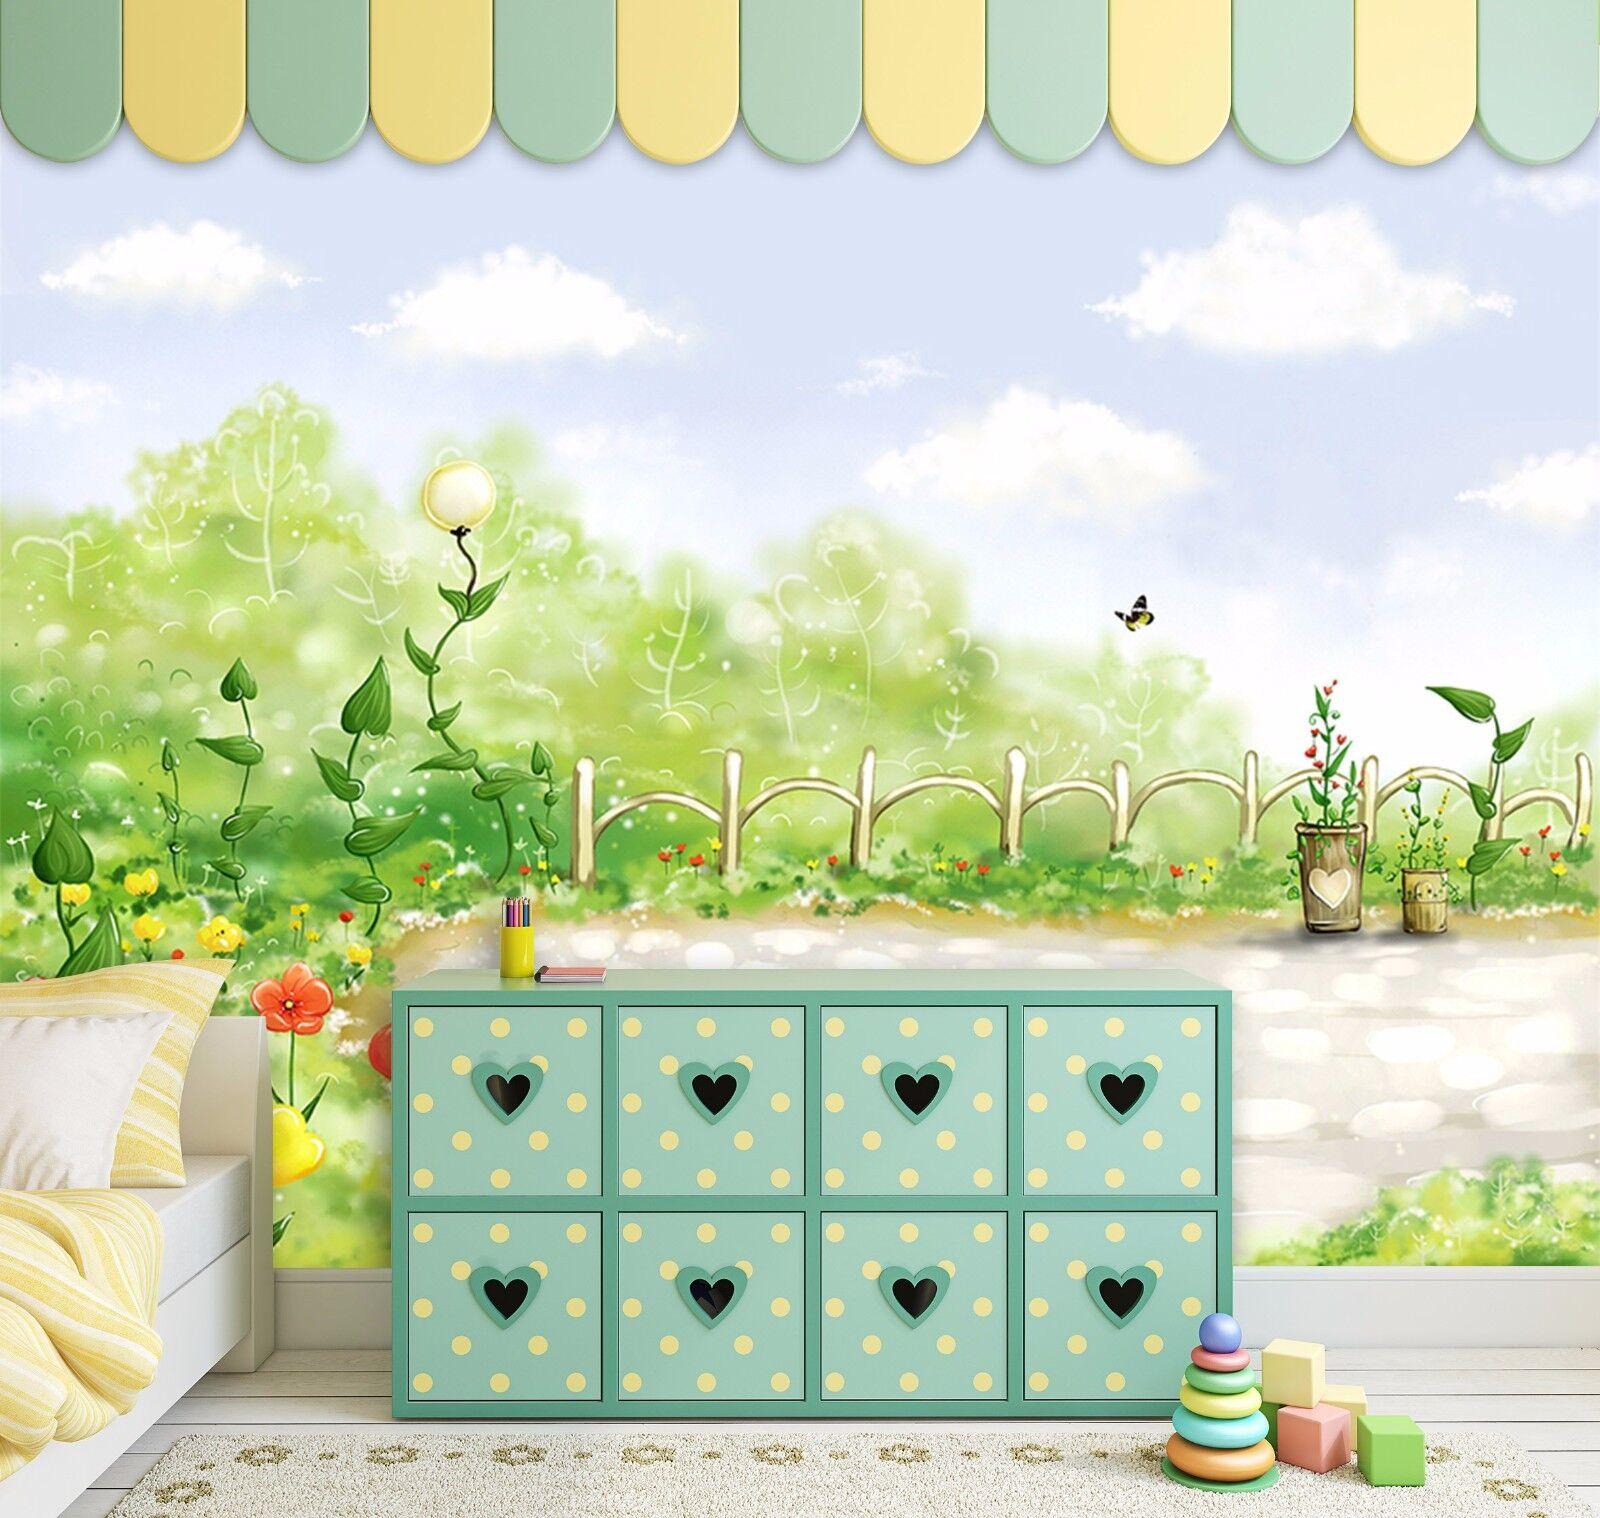 3D Grün Louts Courtyard 3 Wall Paper Decal Dercor Home Kids Nursery Mural  Home